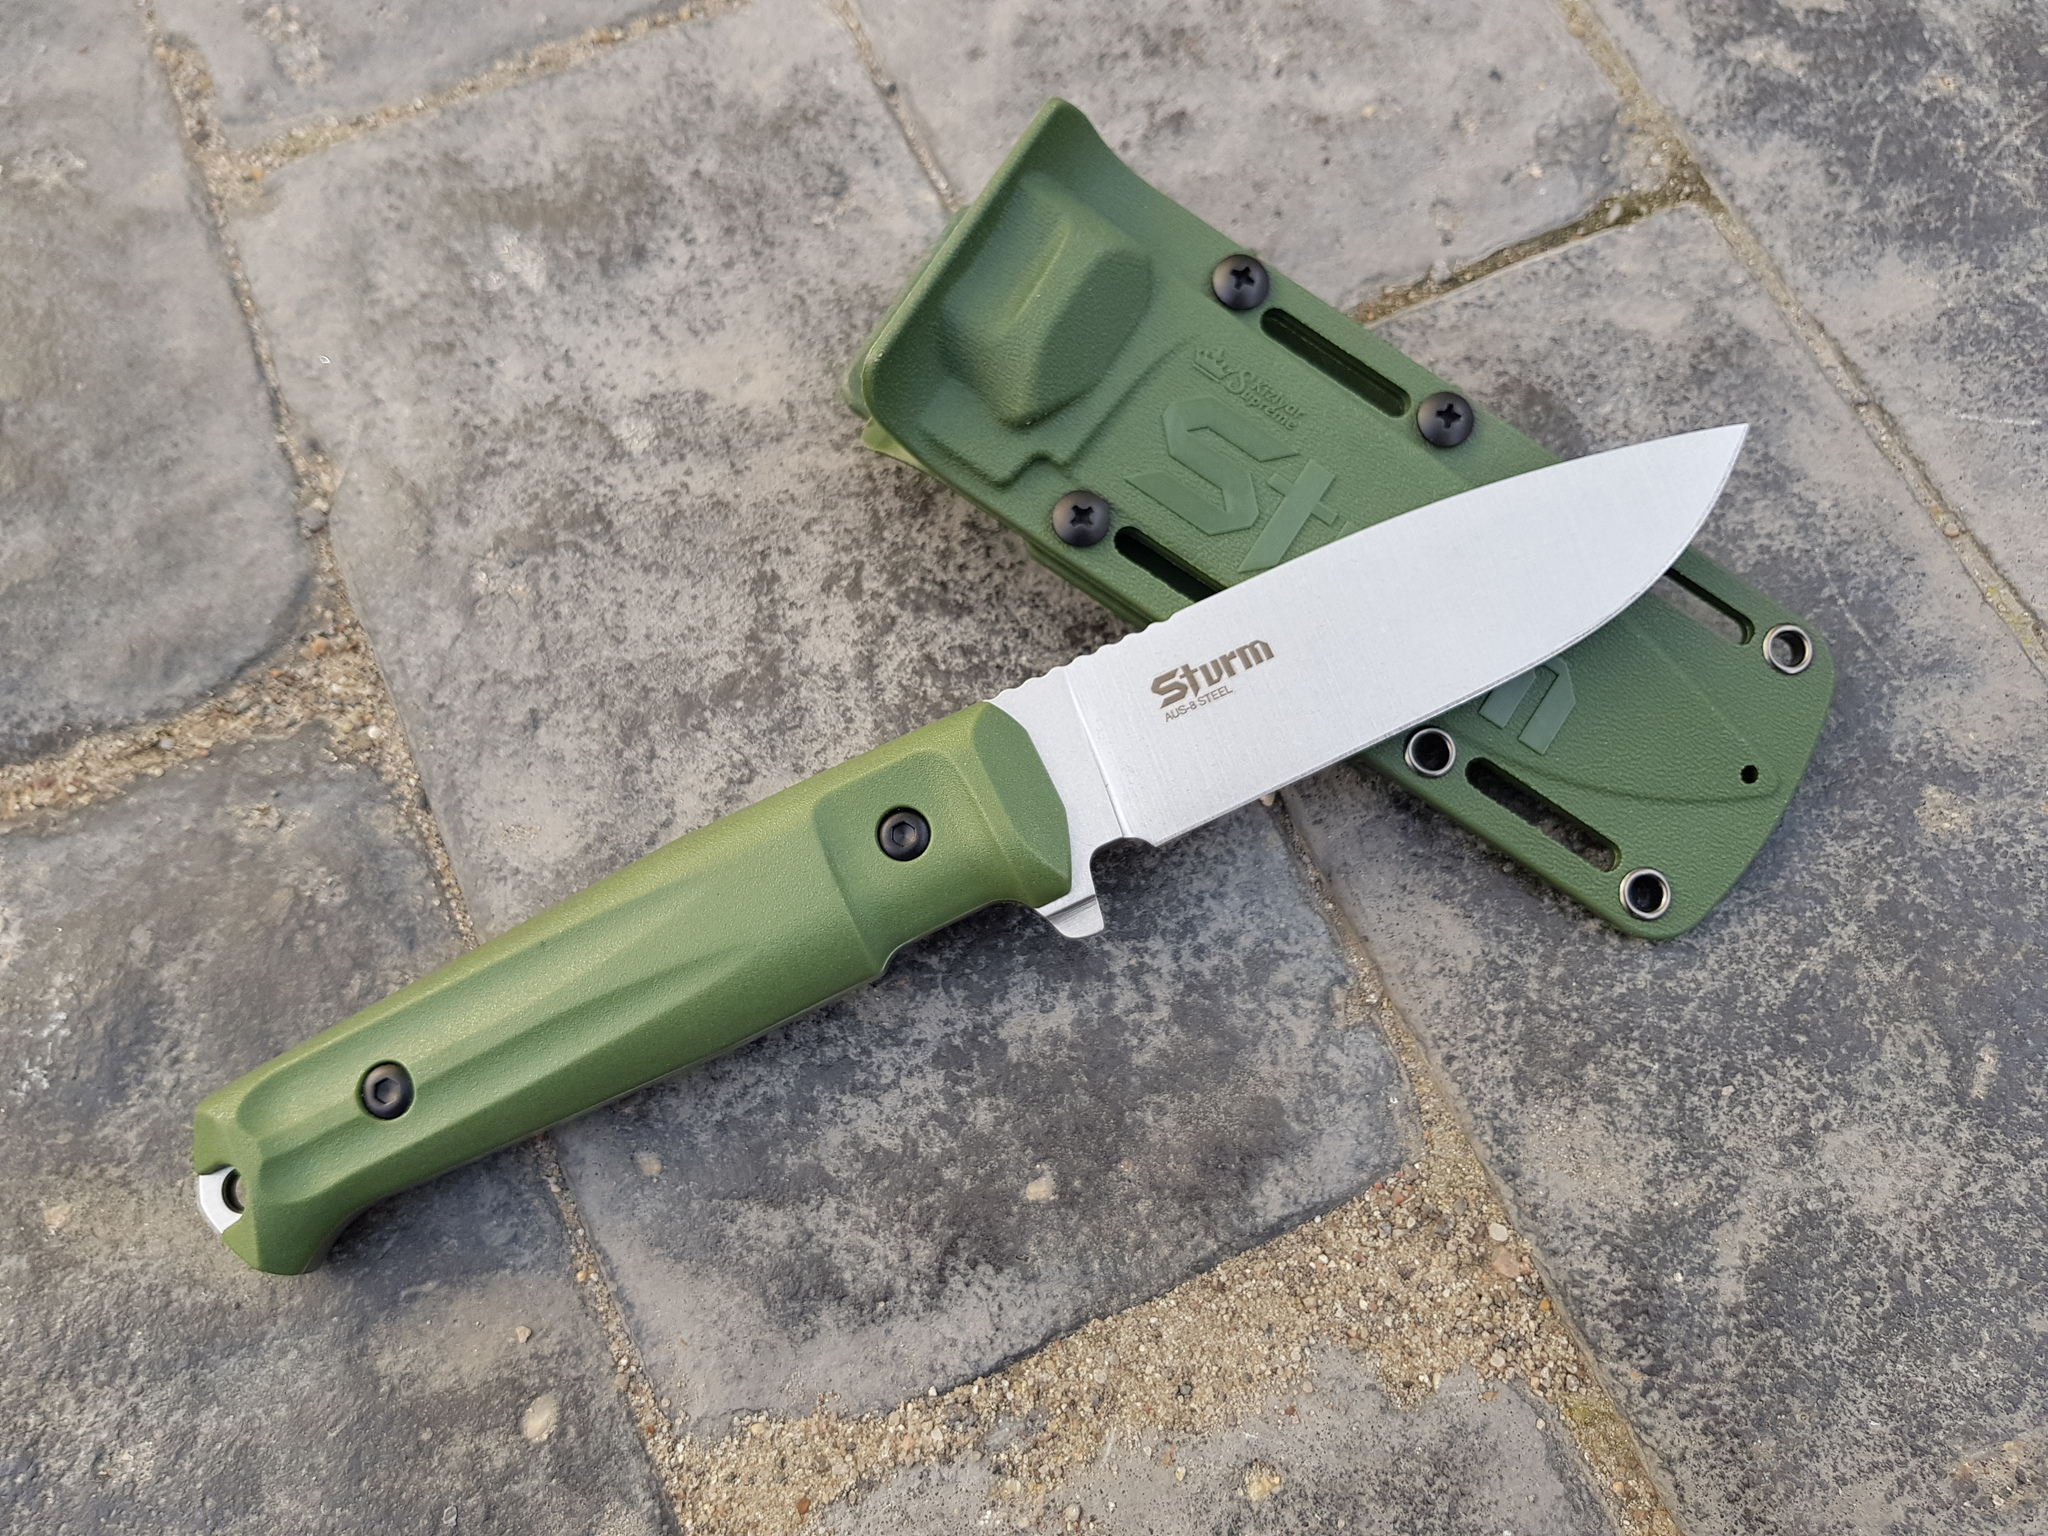 Фото 29 - Тактический нож Sturm AUS-8 S BS SW олива, Кизляр от Kizlyar Supreme